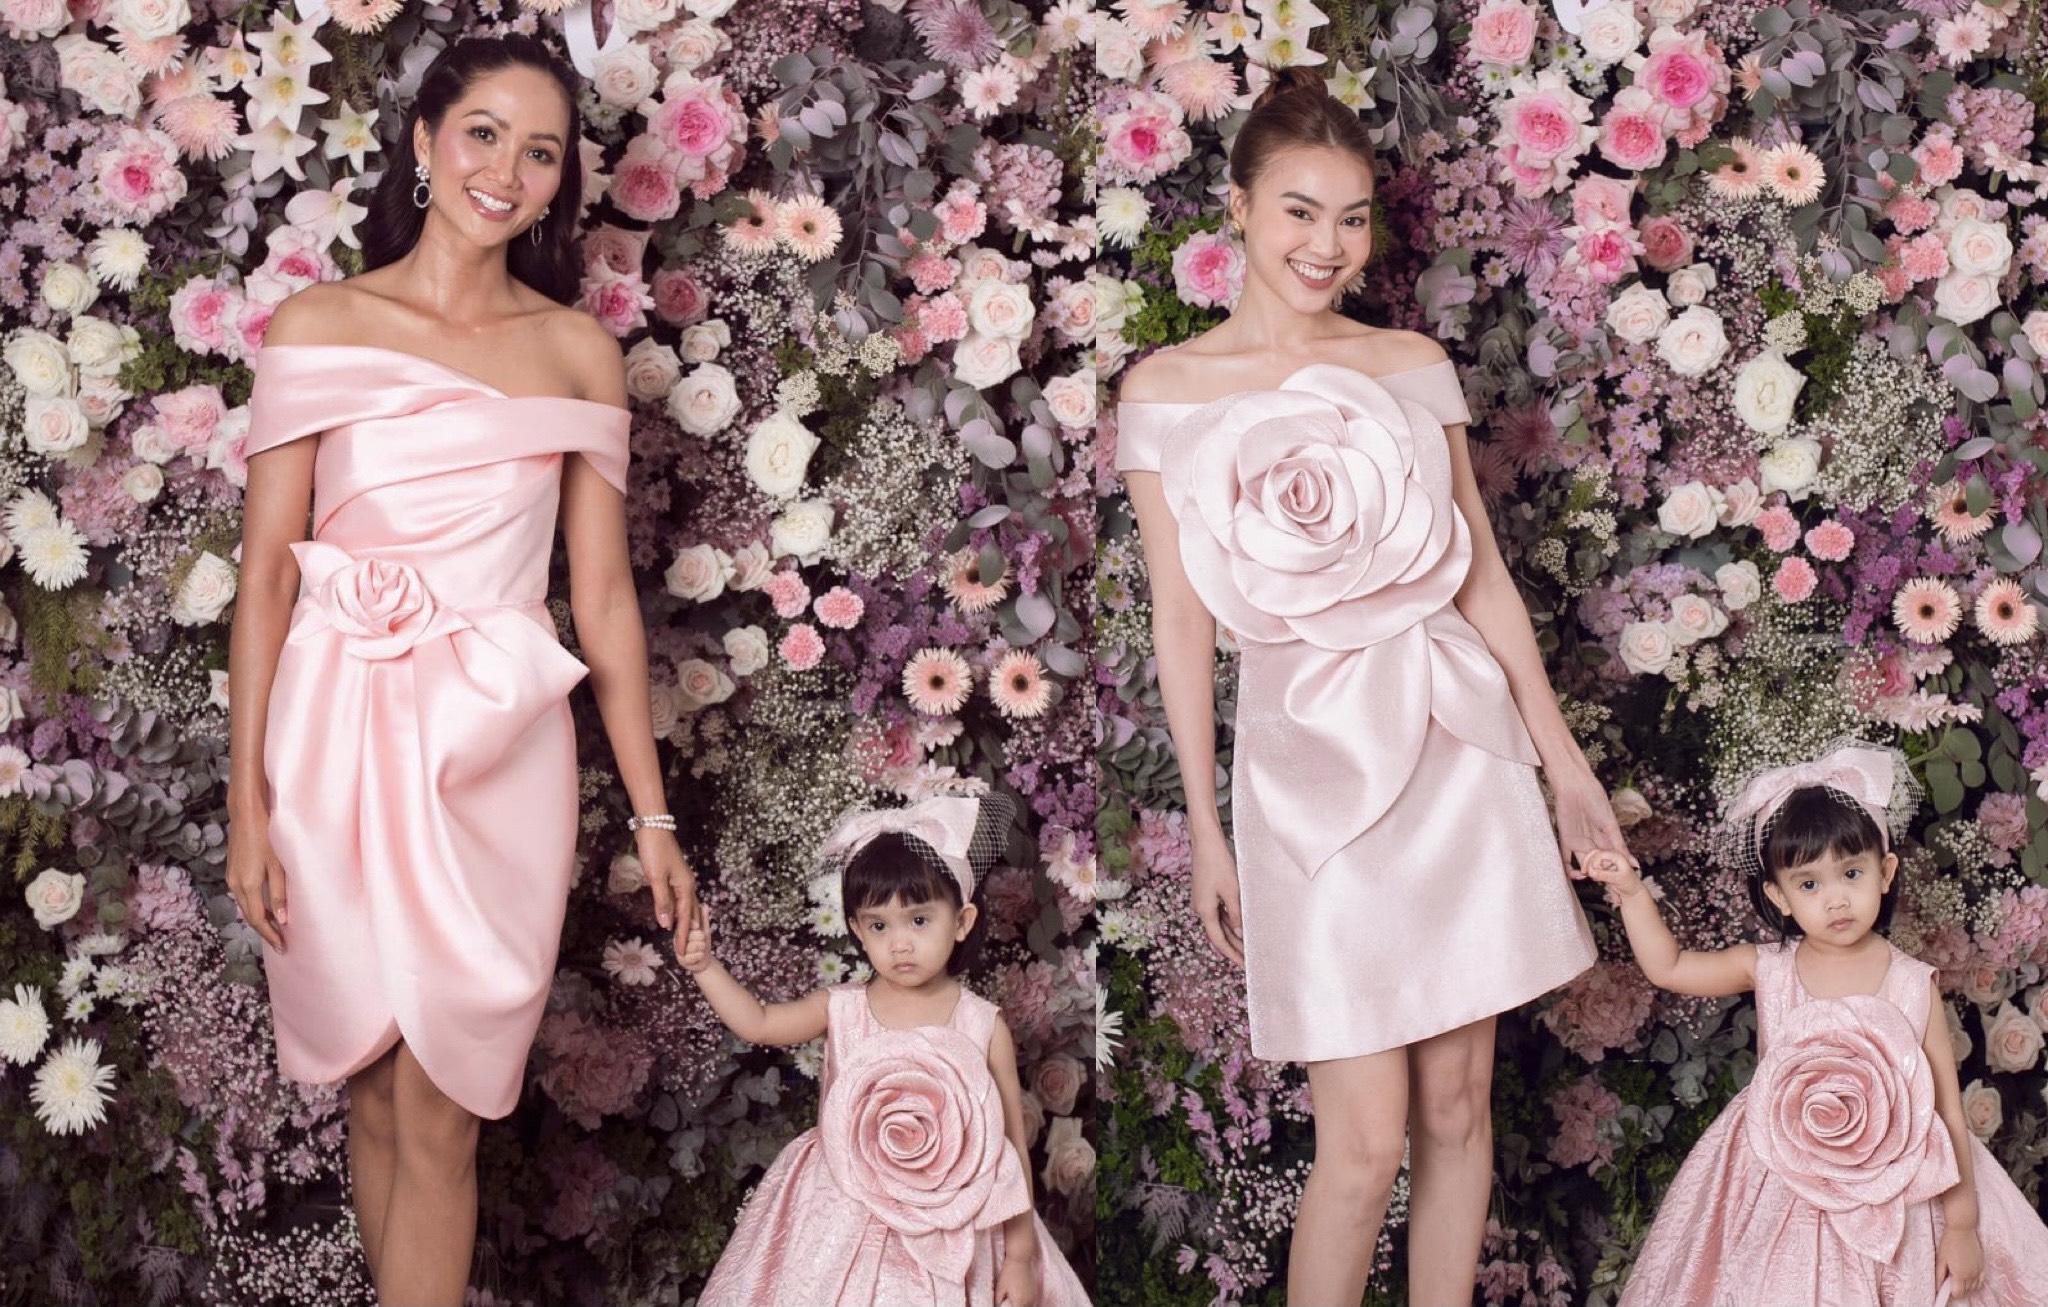 Học cách chọn trang phục sắc hồng từ dàn người đẹp V-biz trong sự kiện do NTK Đỗ Mạnh Cường tổ chức